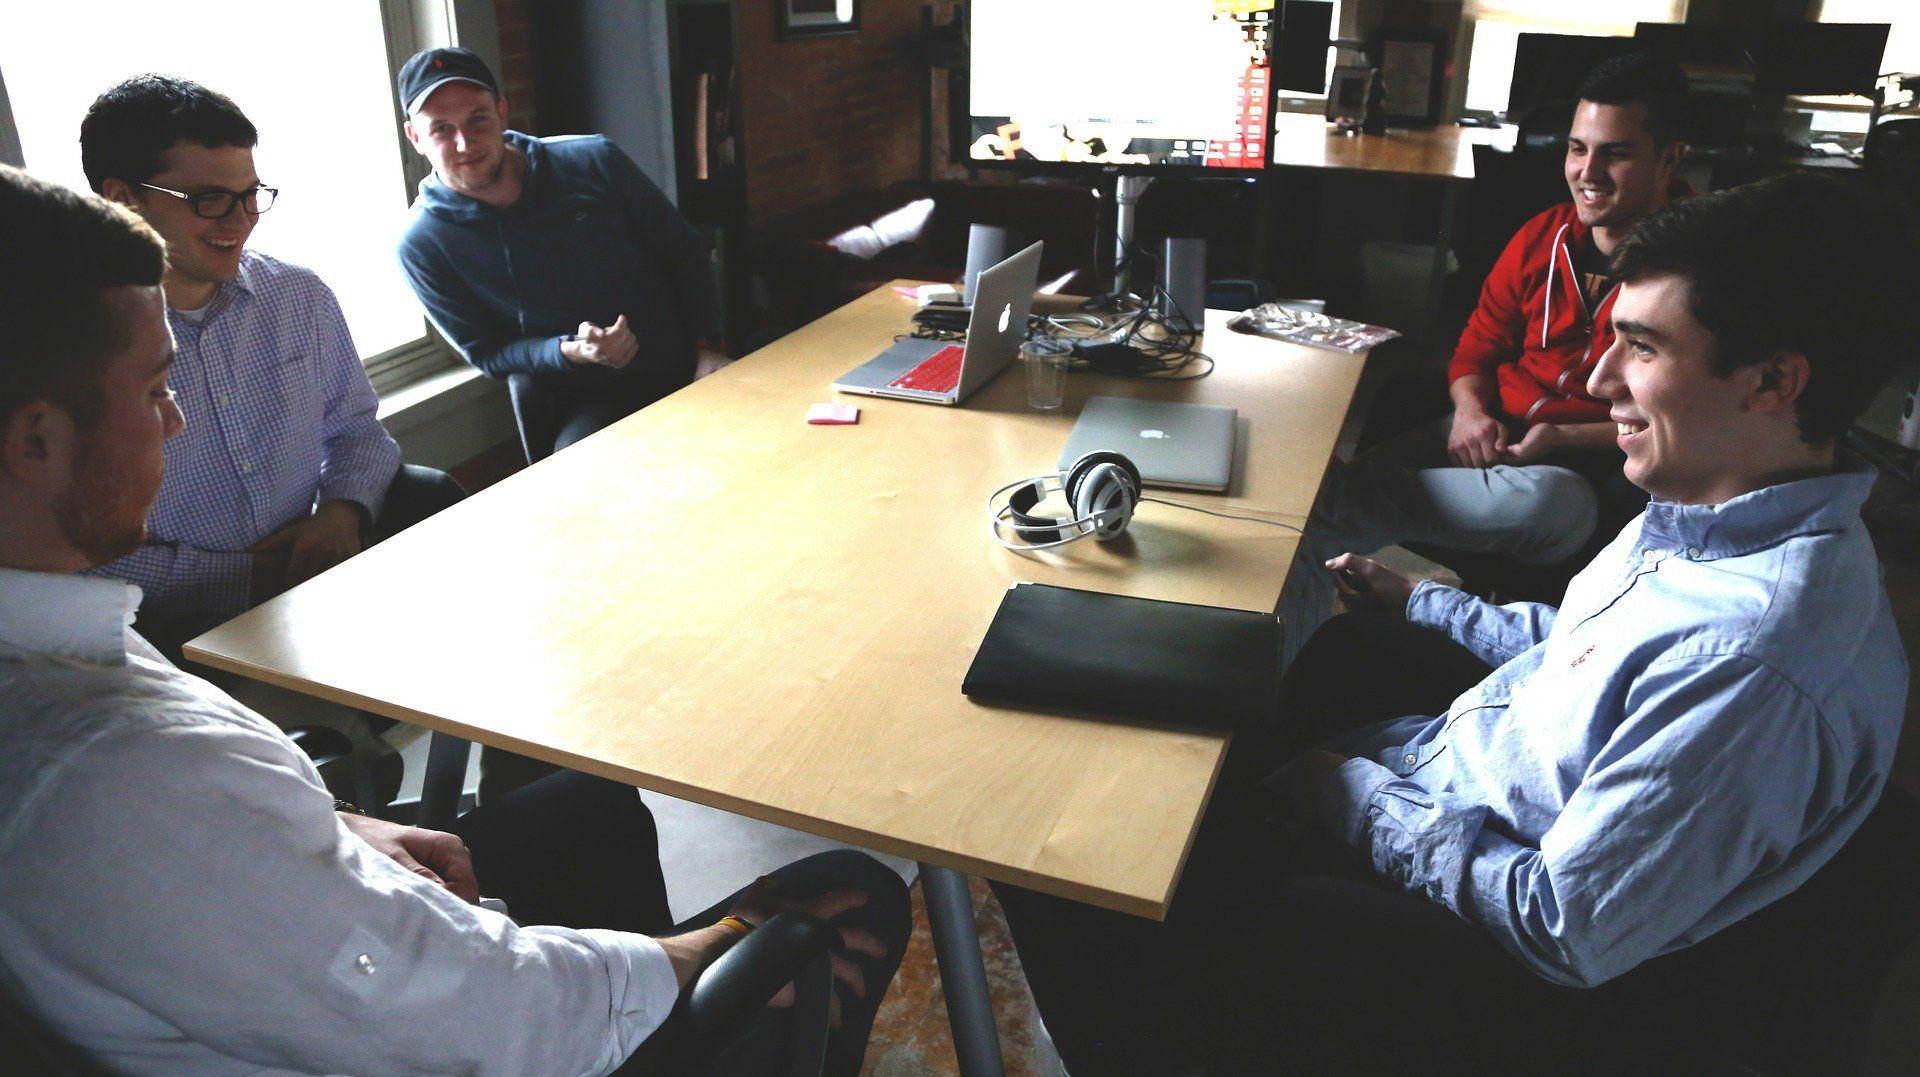 Mehrere Männer sitzen um einen Bürotisch herum.